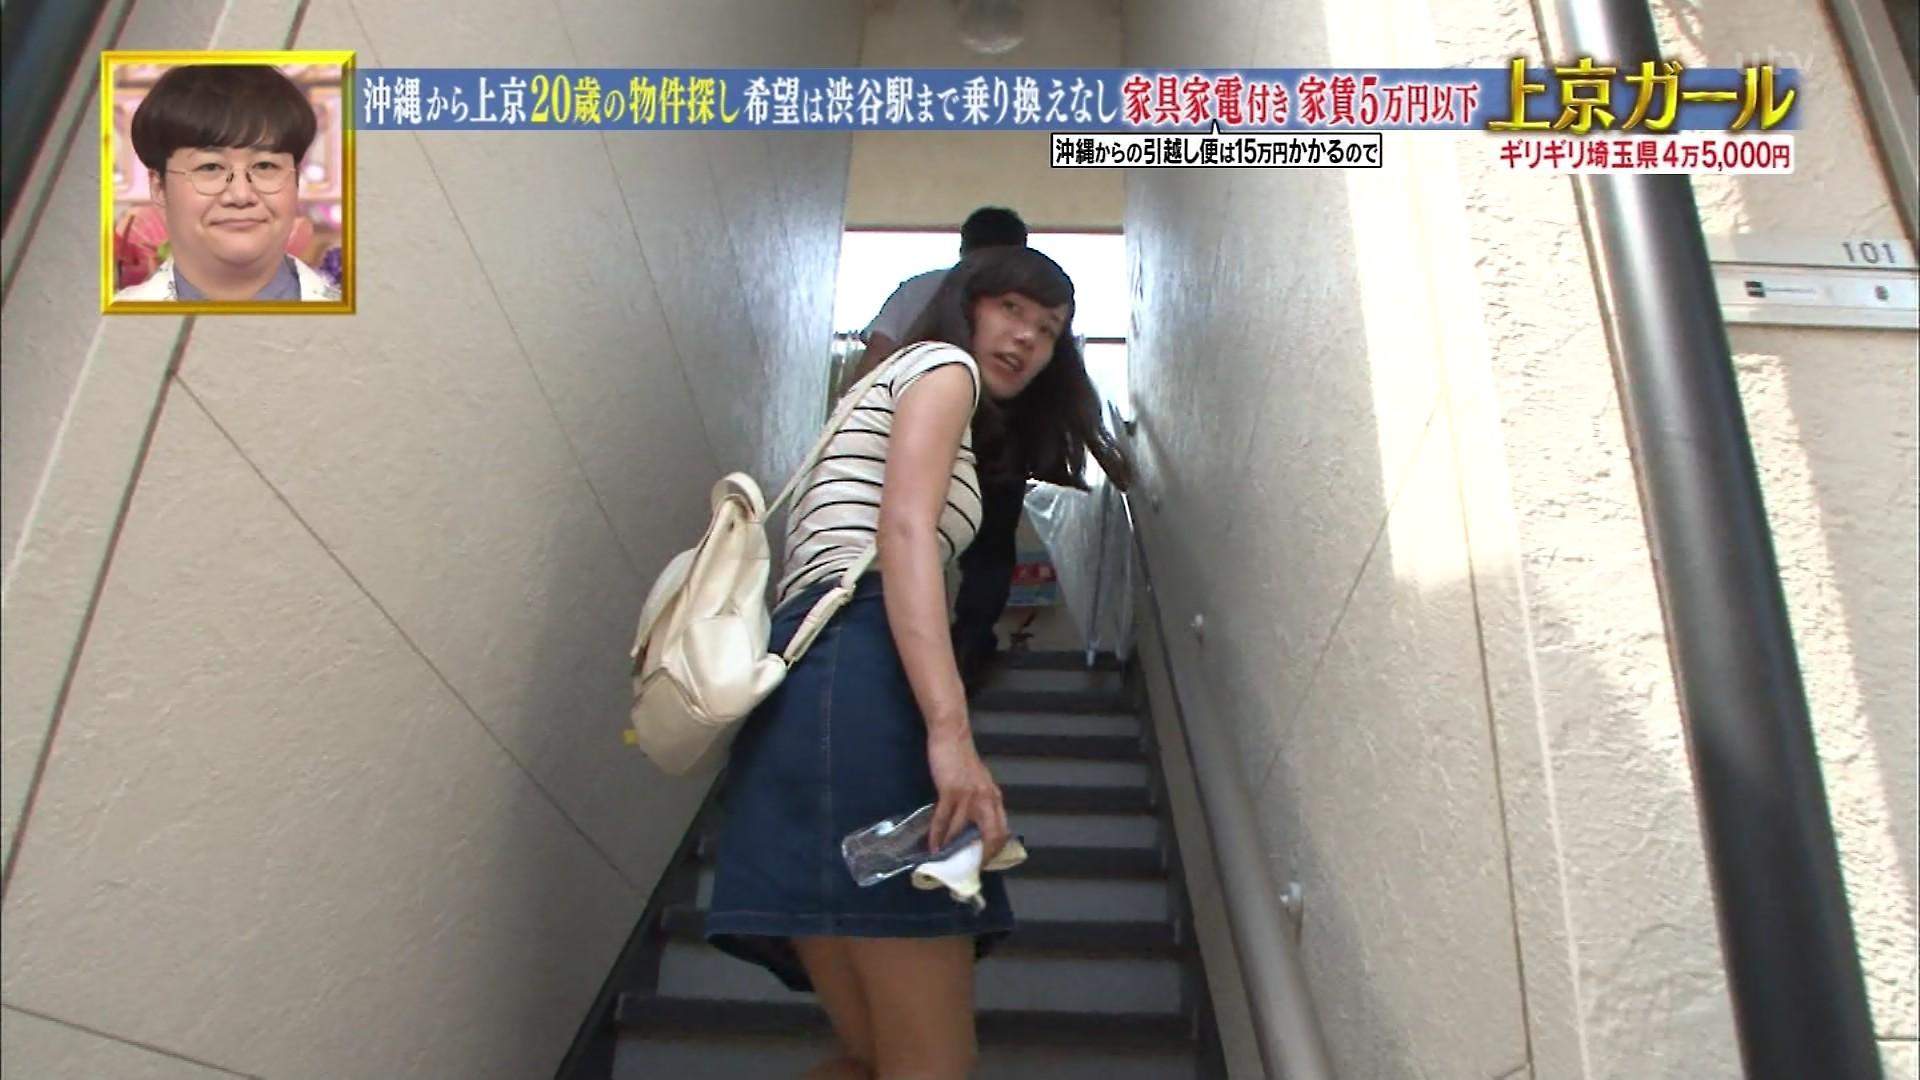 沖縄美女_パンチラ_放送事故_テレビキャプ画像_07